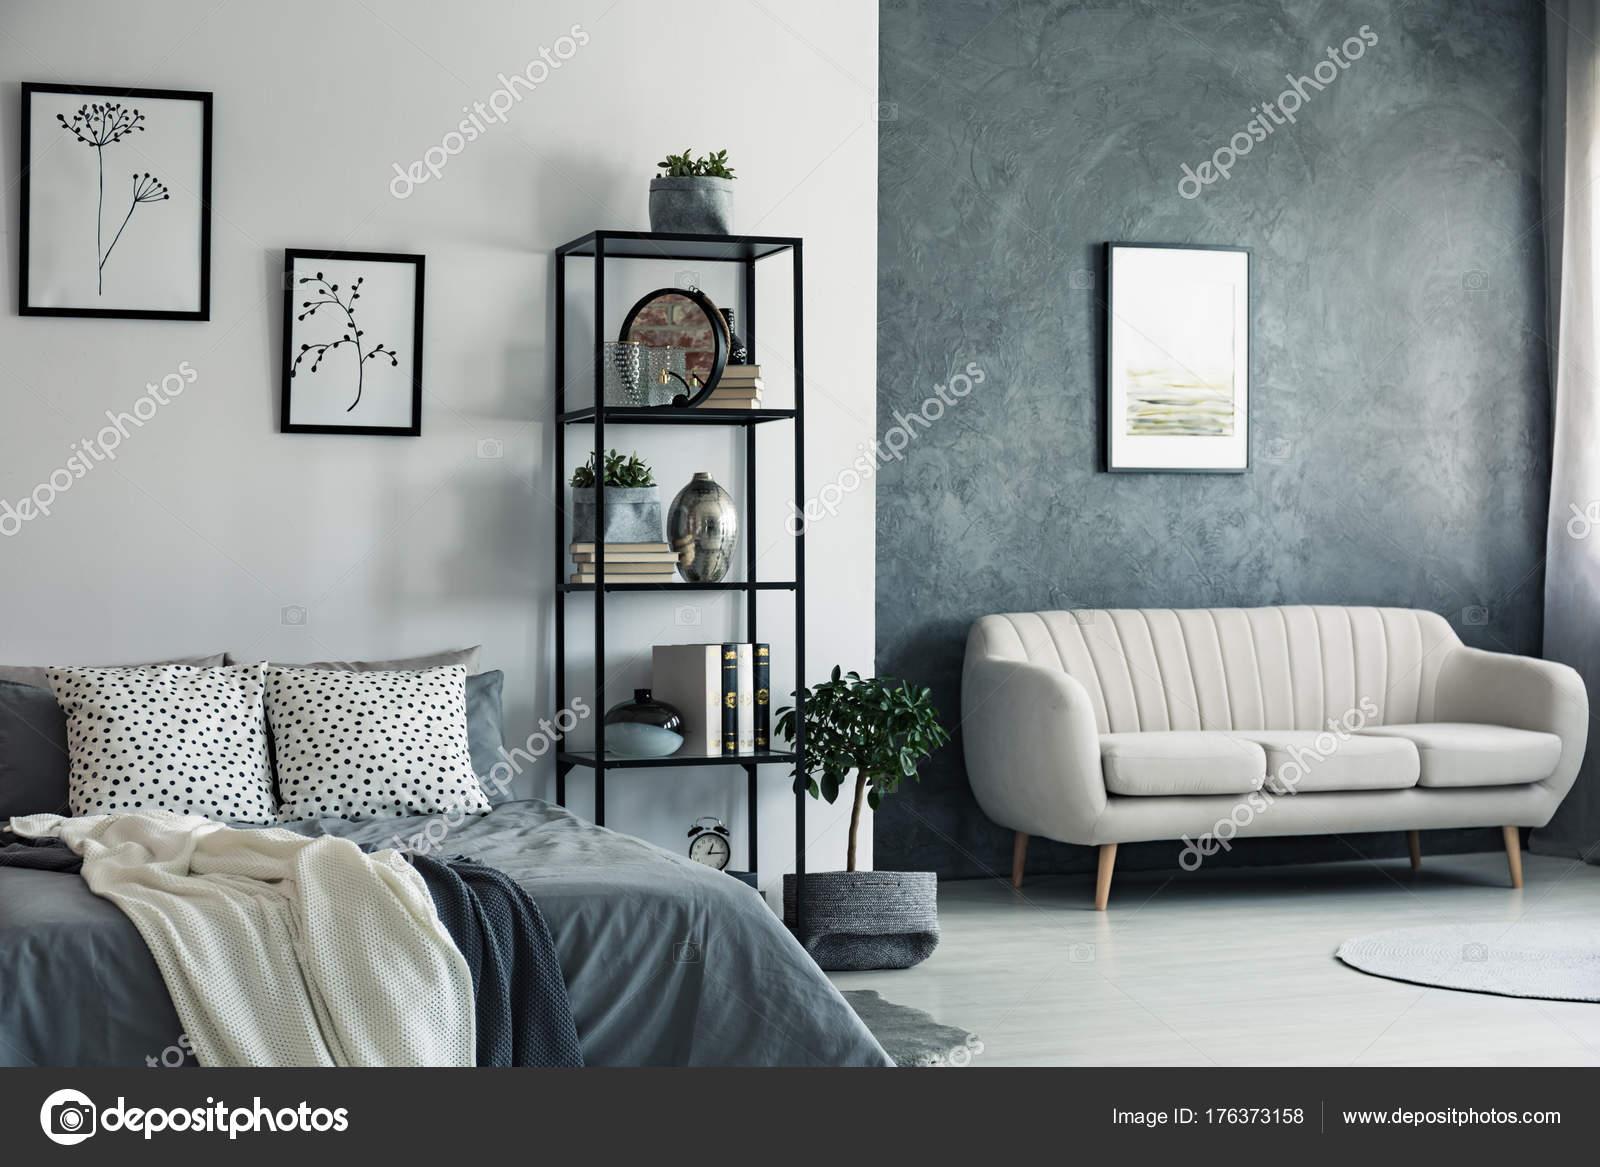 Disegni in camera da letto e divano — Foto Stock © photographee.eu ...